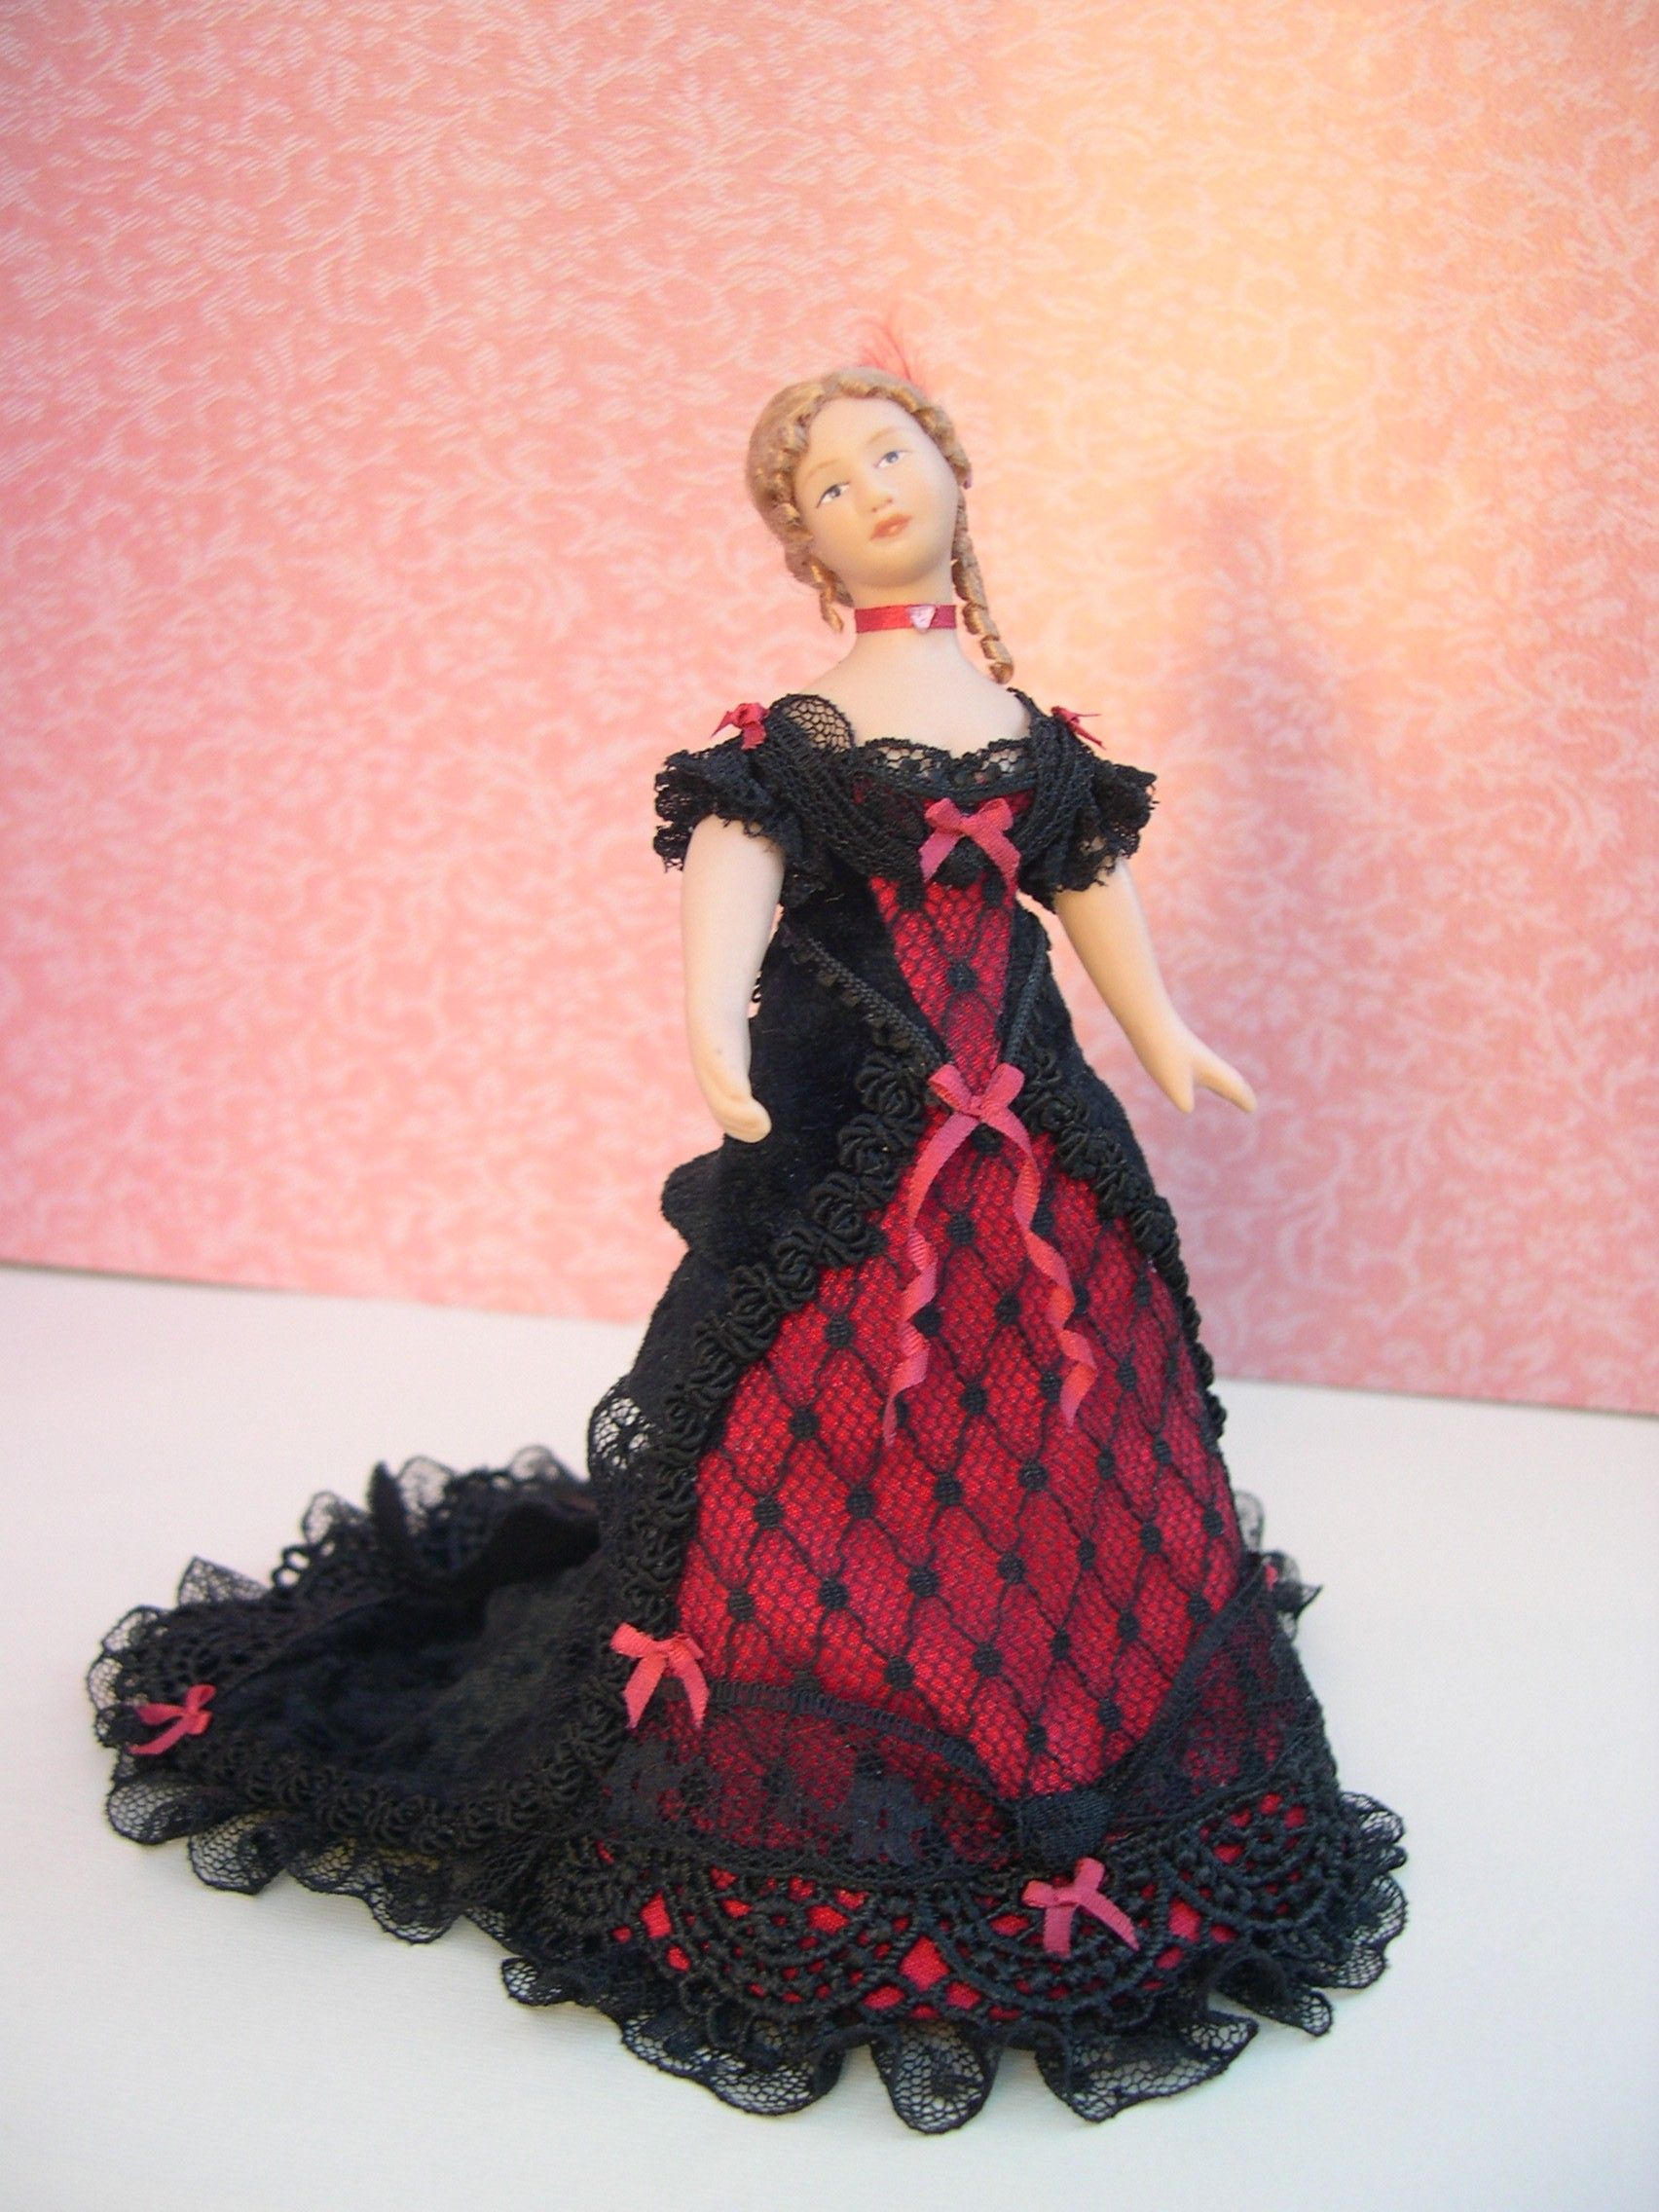 Muñeca porcelana vestido de fiesta | Mis creaciones en vestidos ...